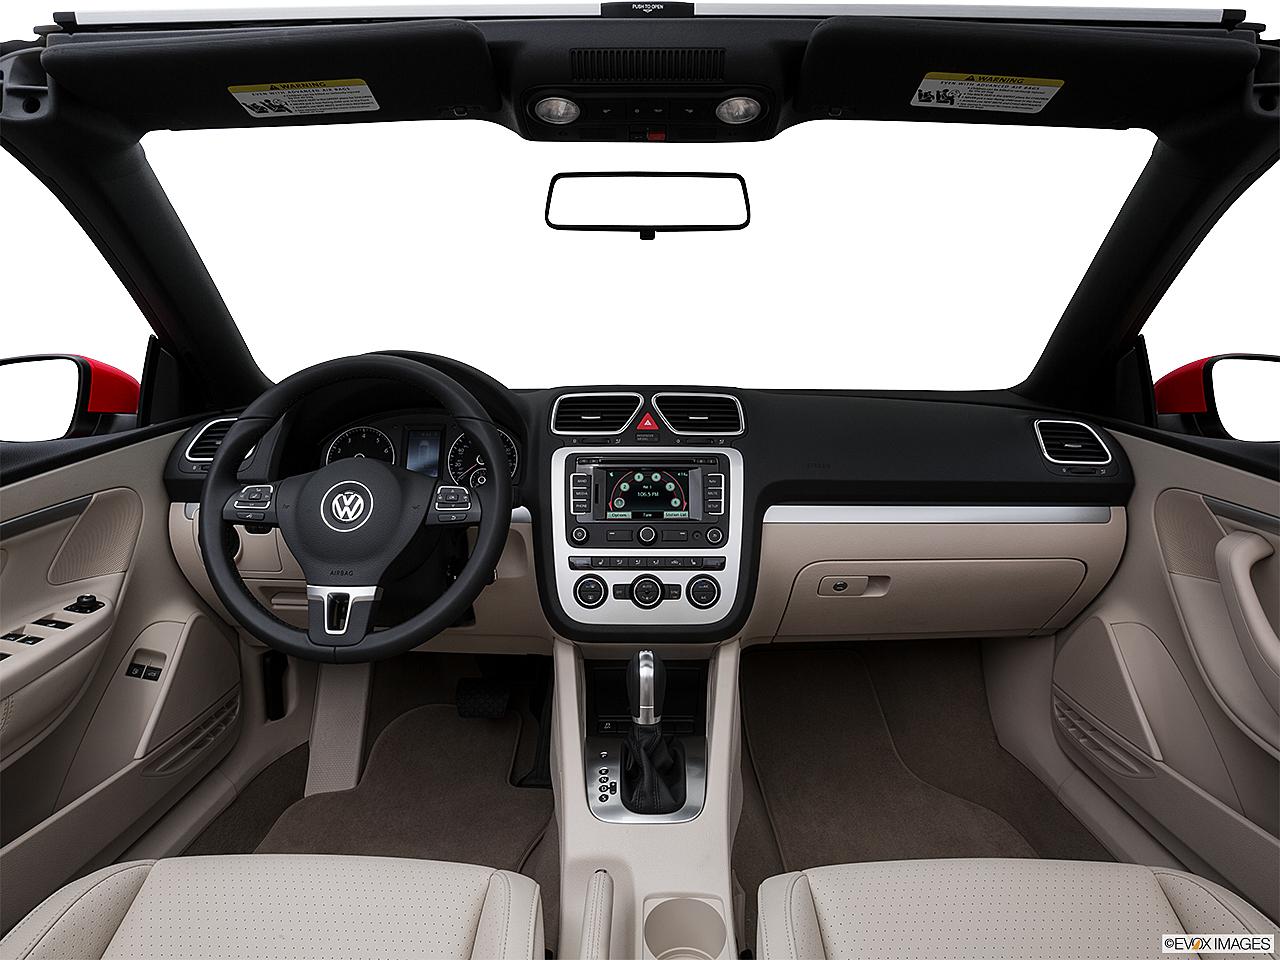 2016 Volkswagen Eos Komfort Edition Centered Wide Dash Shot